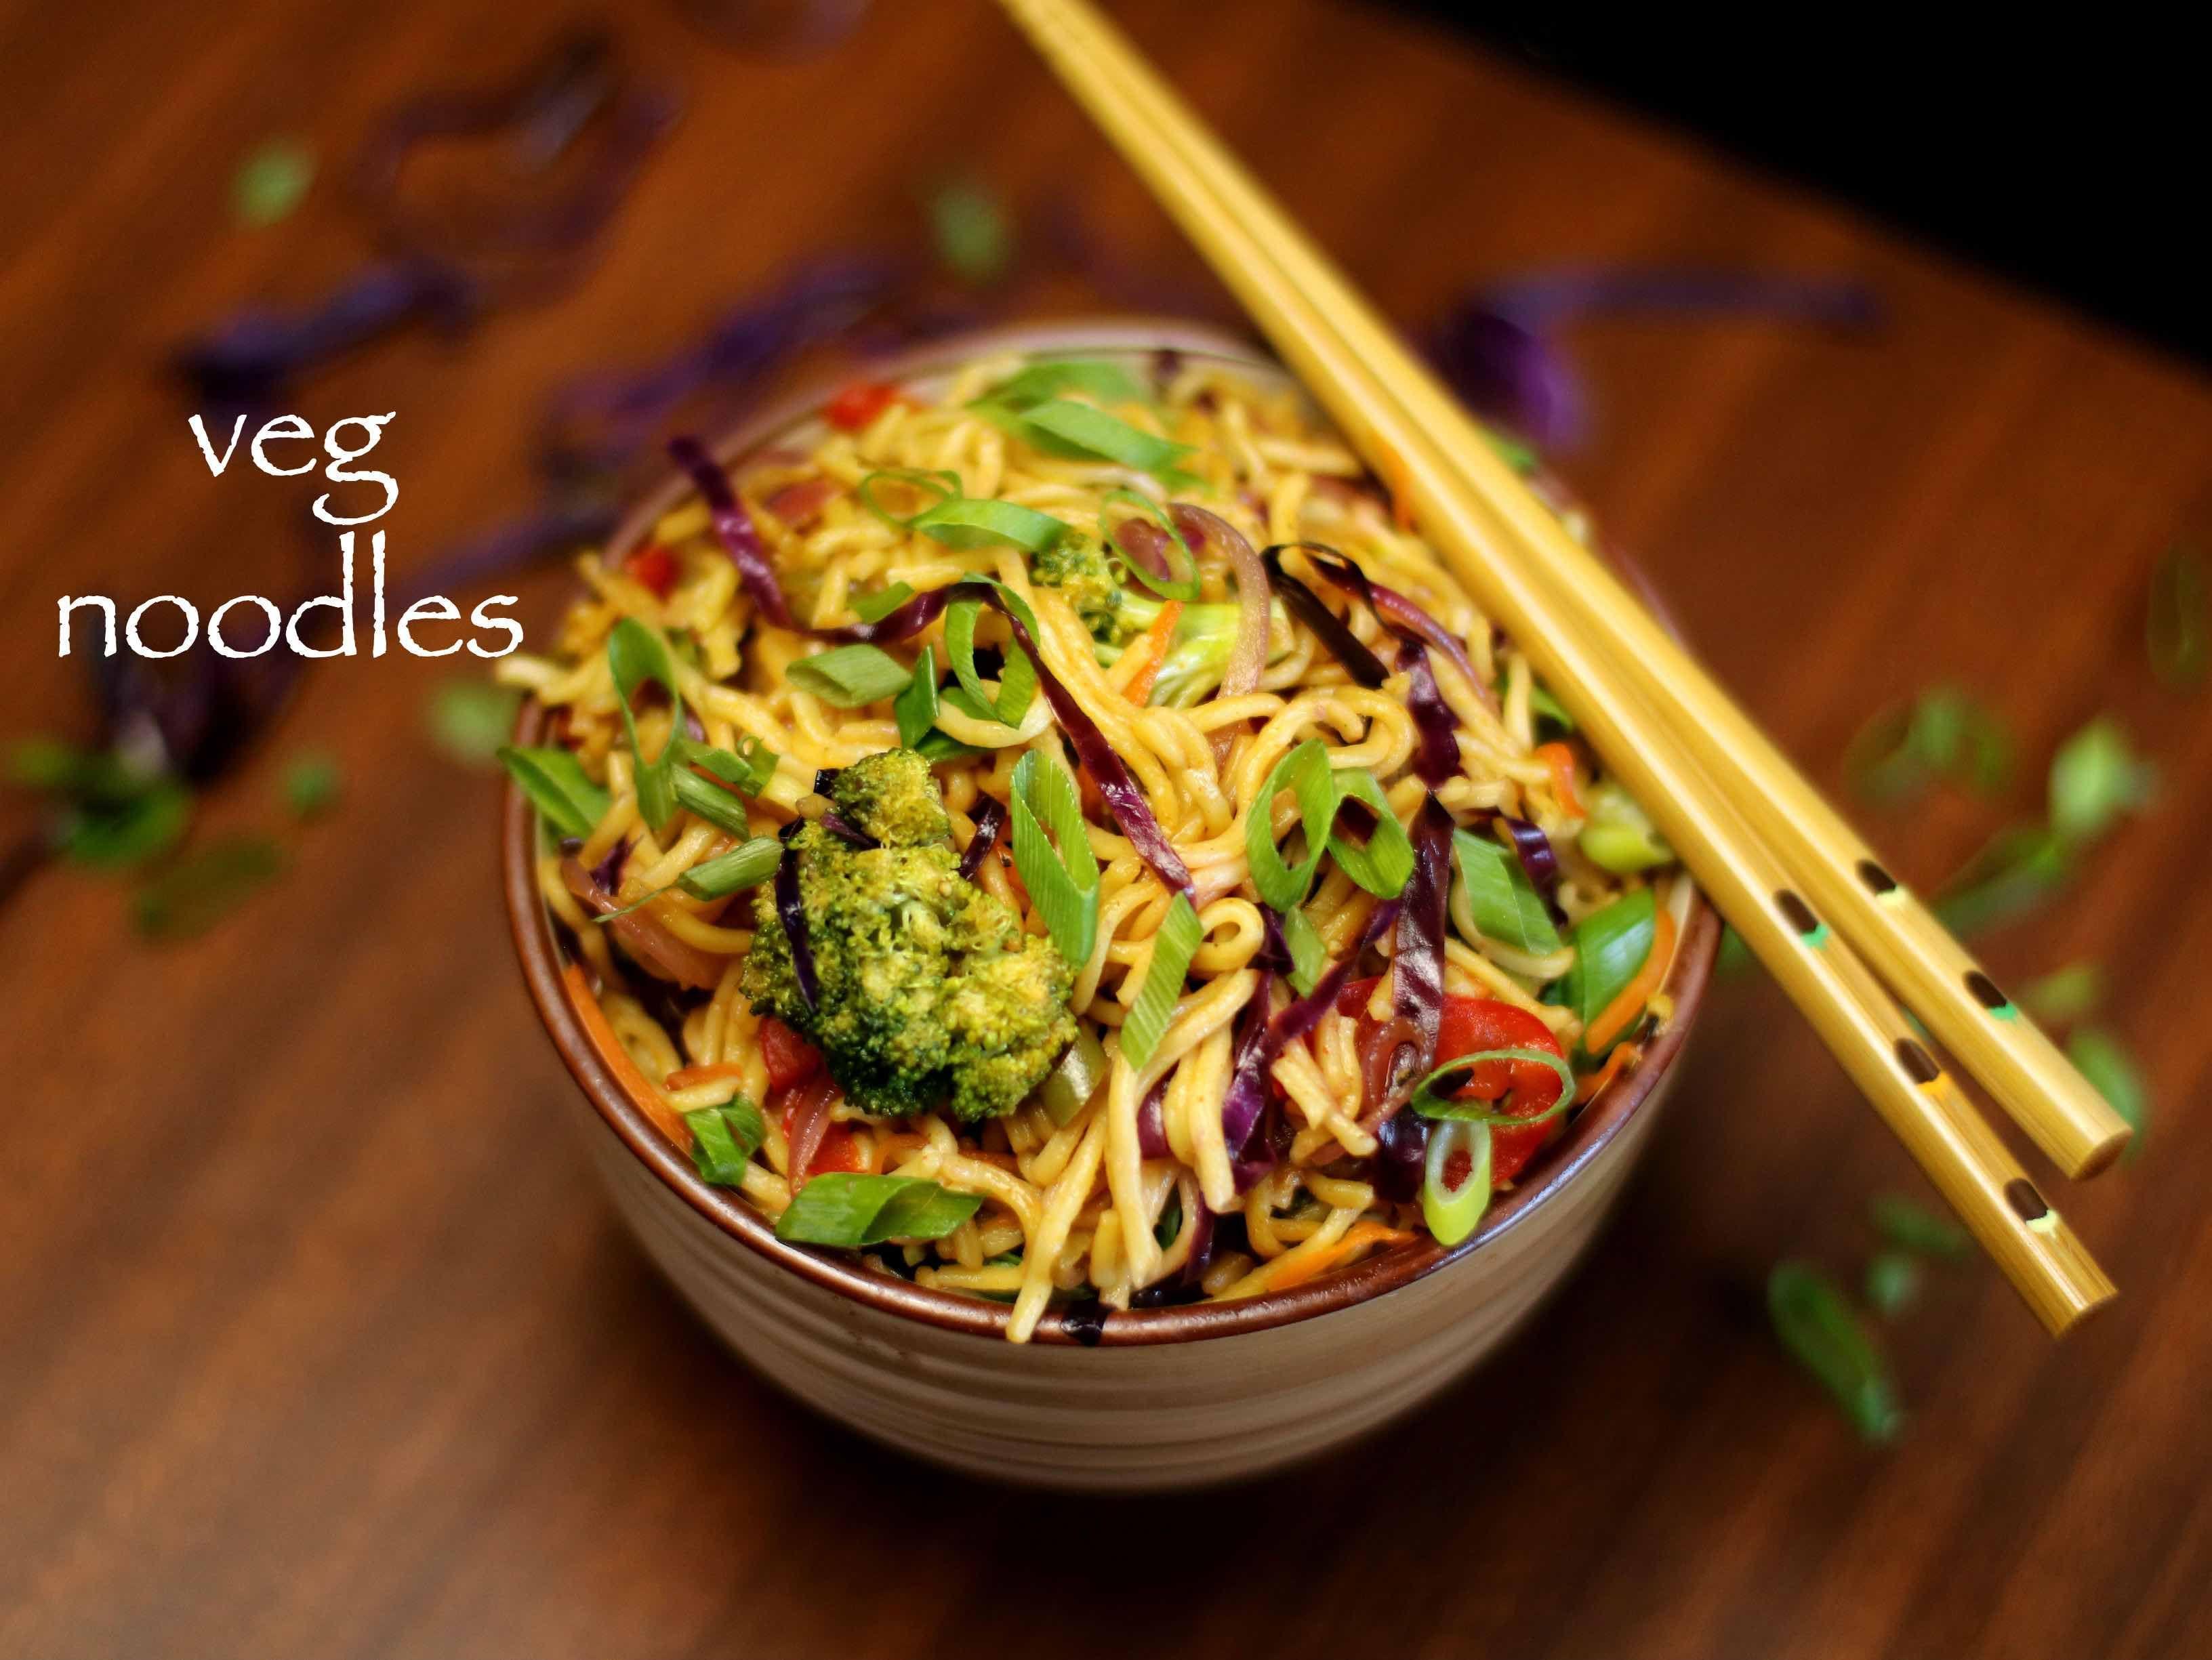 Veg noodles recipe veg chinese noodles vegetable noodles with step food veg noodles recipe veg chinese noodles vegetable forumfinder Image collections